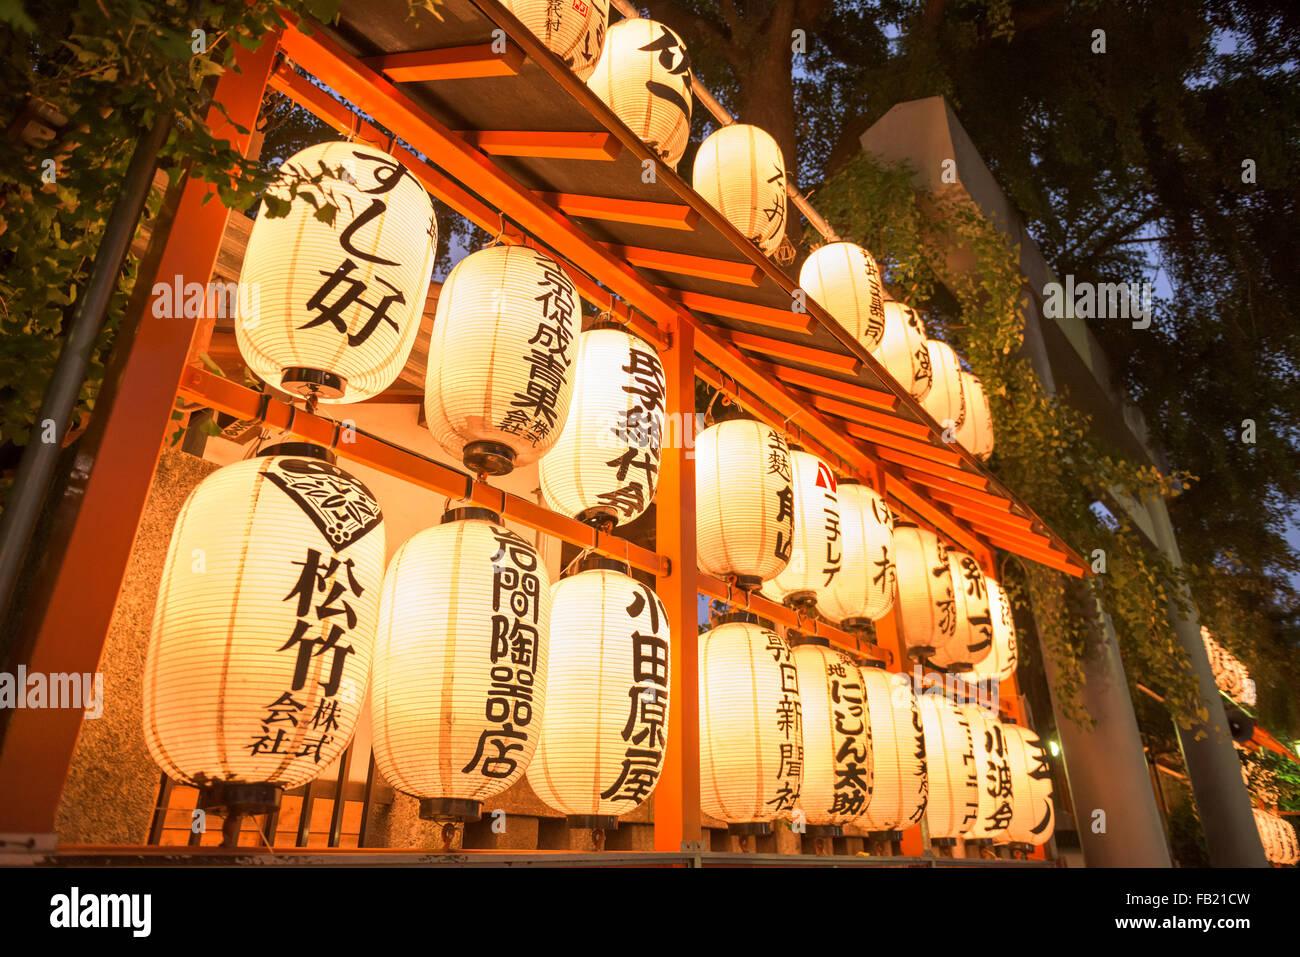 Santuario de Inari Namiyoko linternas cerca del mercado de pescado de Tsukiji en Tokio, Japón. Imagen De Stock